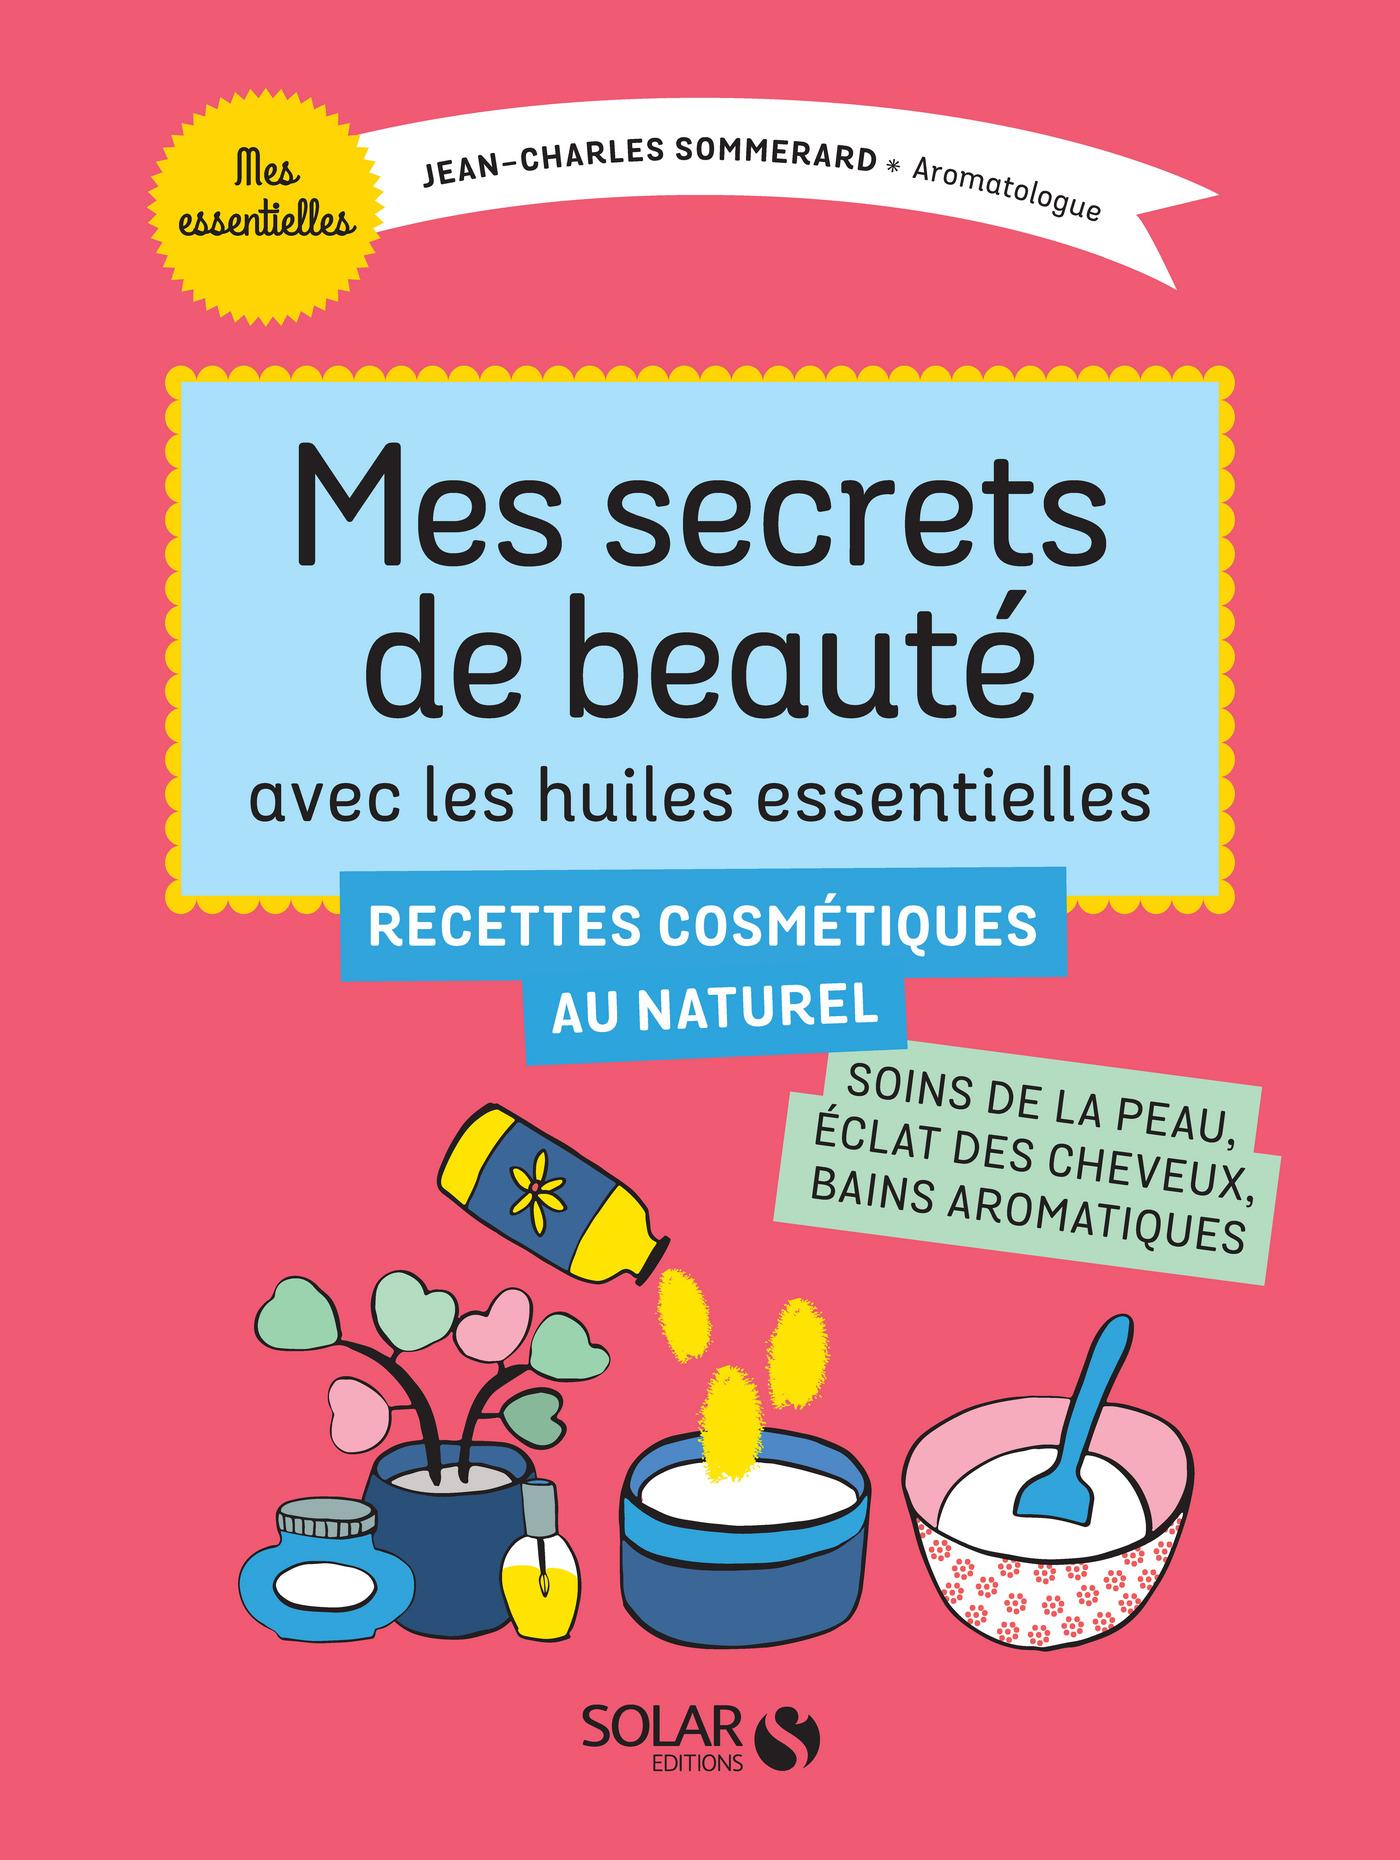 Mes secrets de beauté avec les huiles essentielles | SOMMERARD, Jean-Charles